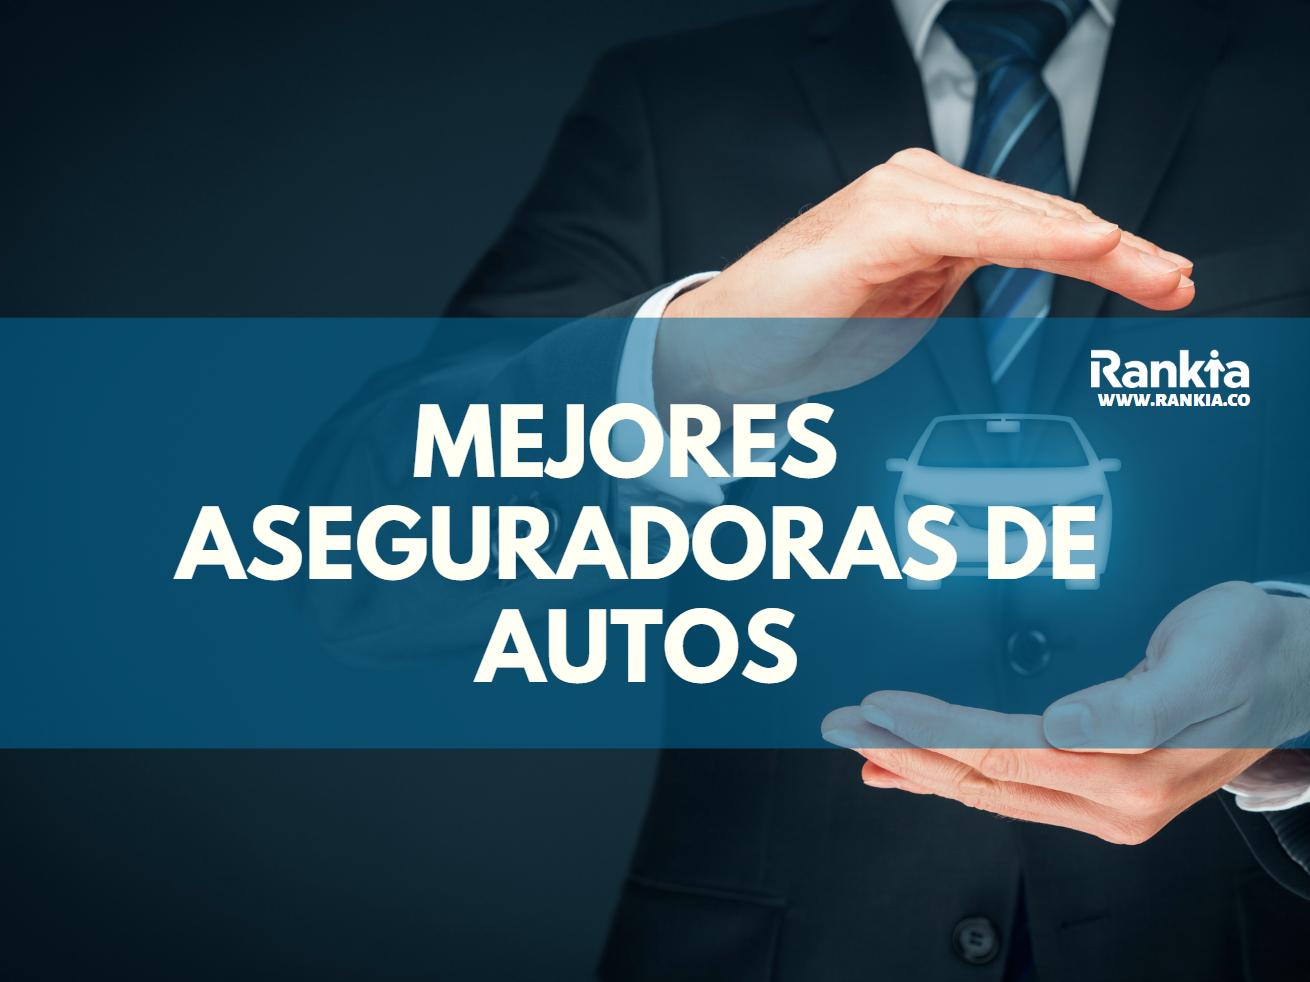 Mejores aseguradoras de auto en Colombia 2020